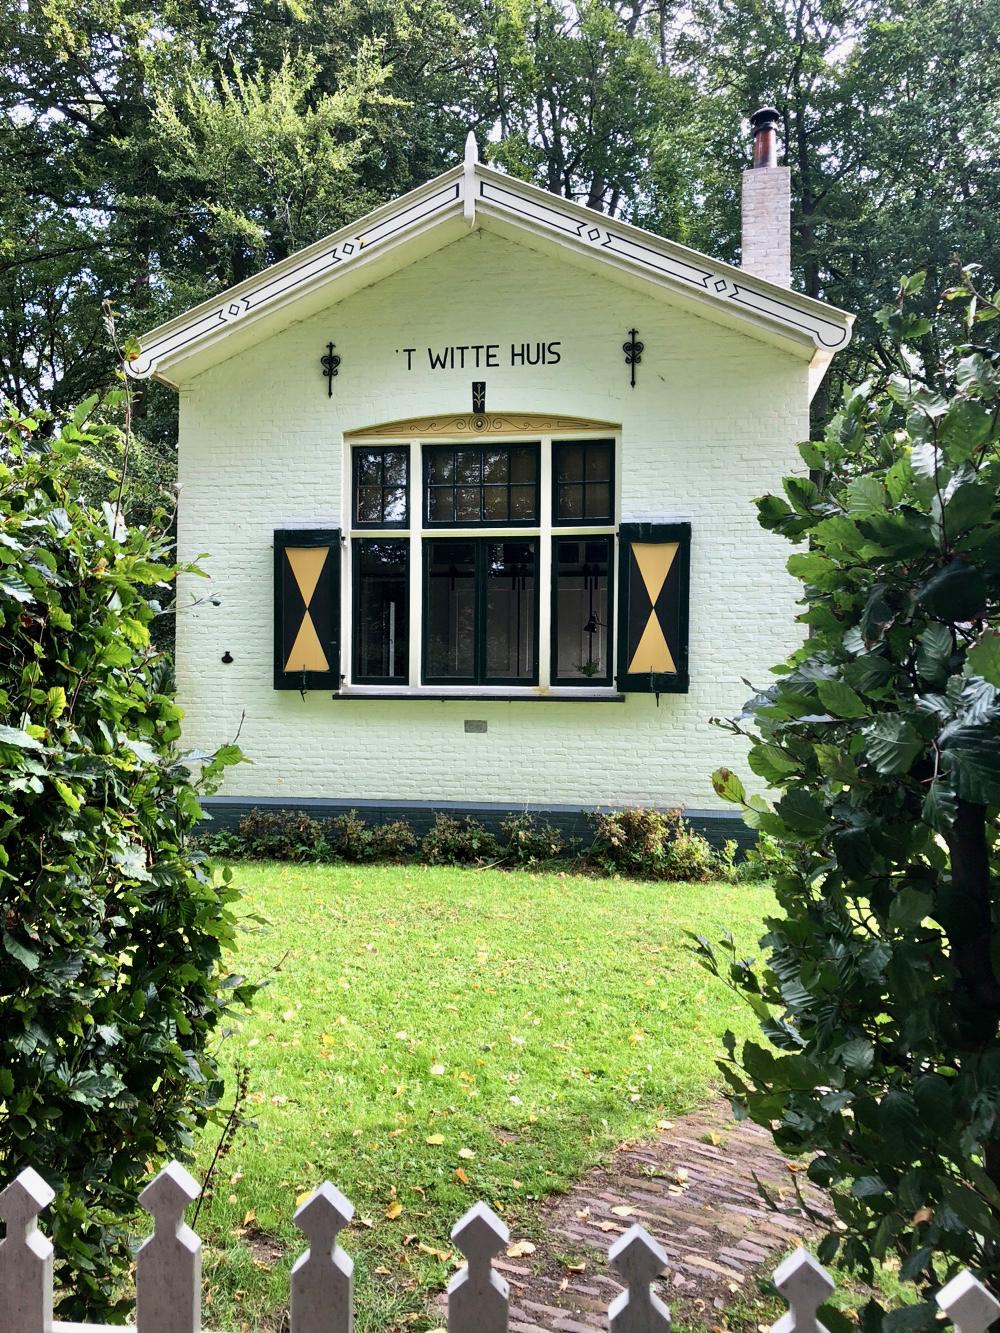 Een zit huisje met groen/gele luiken in het groen